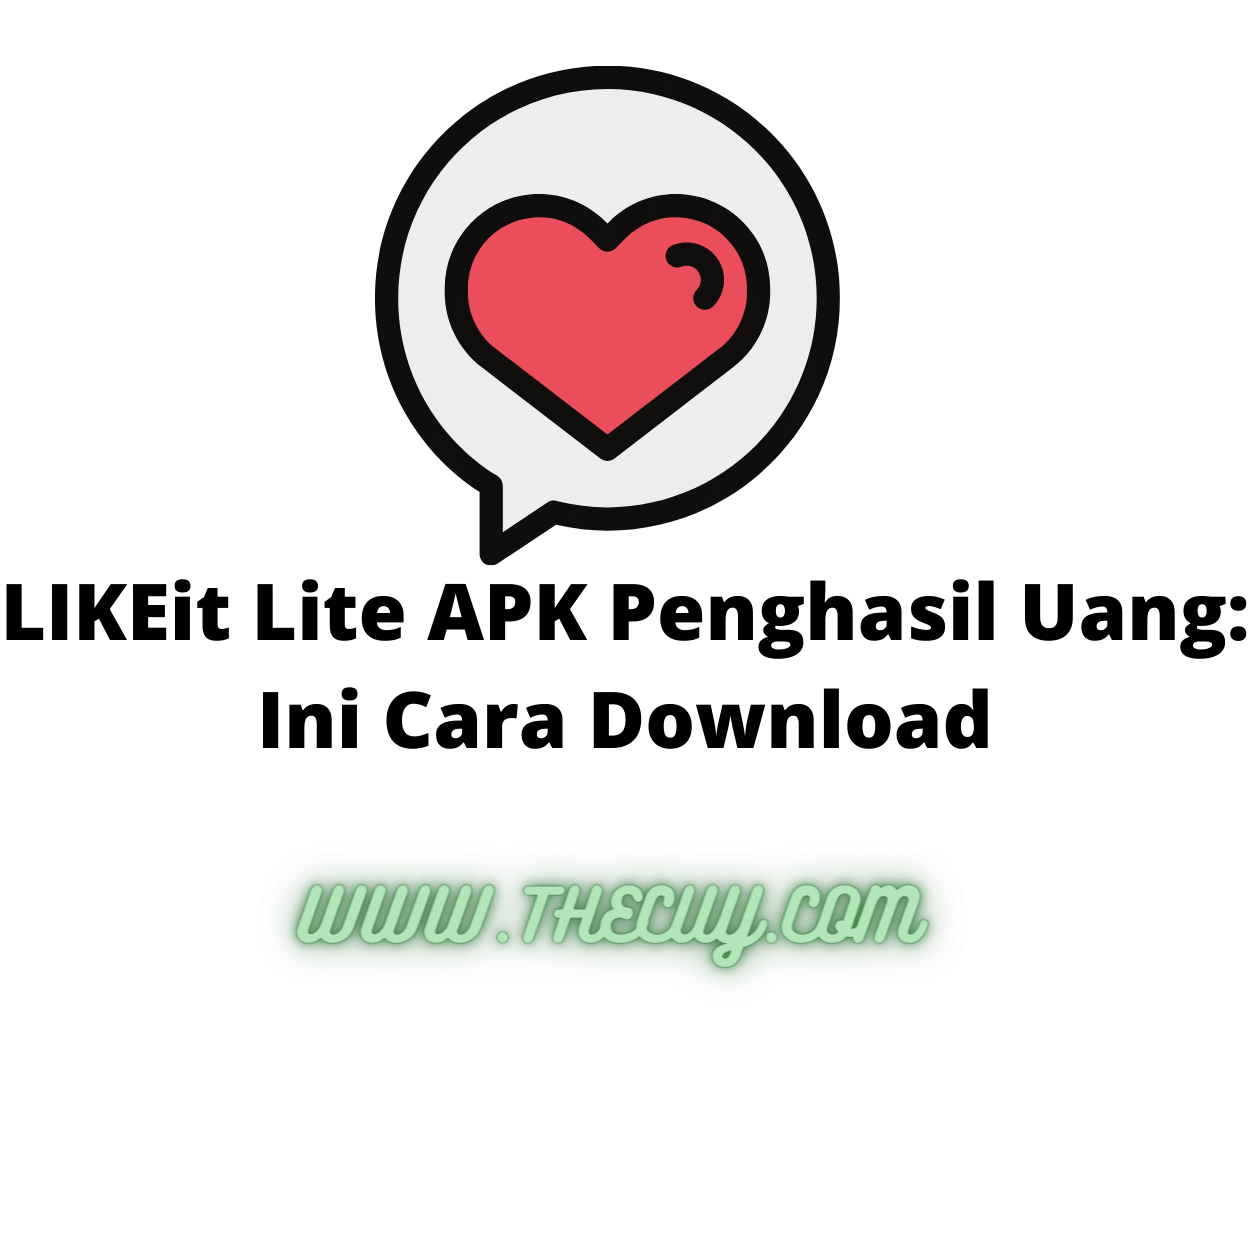 LIKEit Lite APK Penghasil Uang: Ini Cara Download